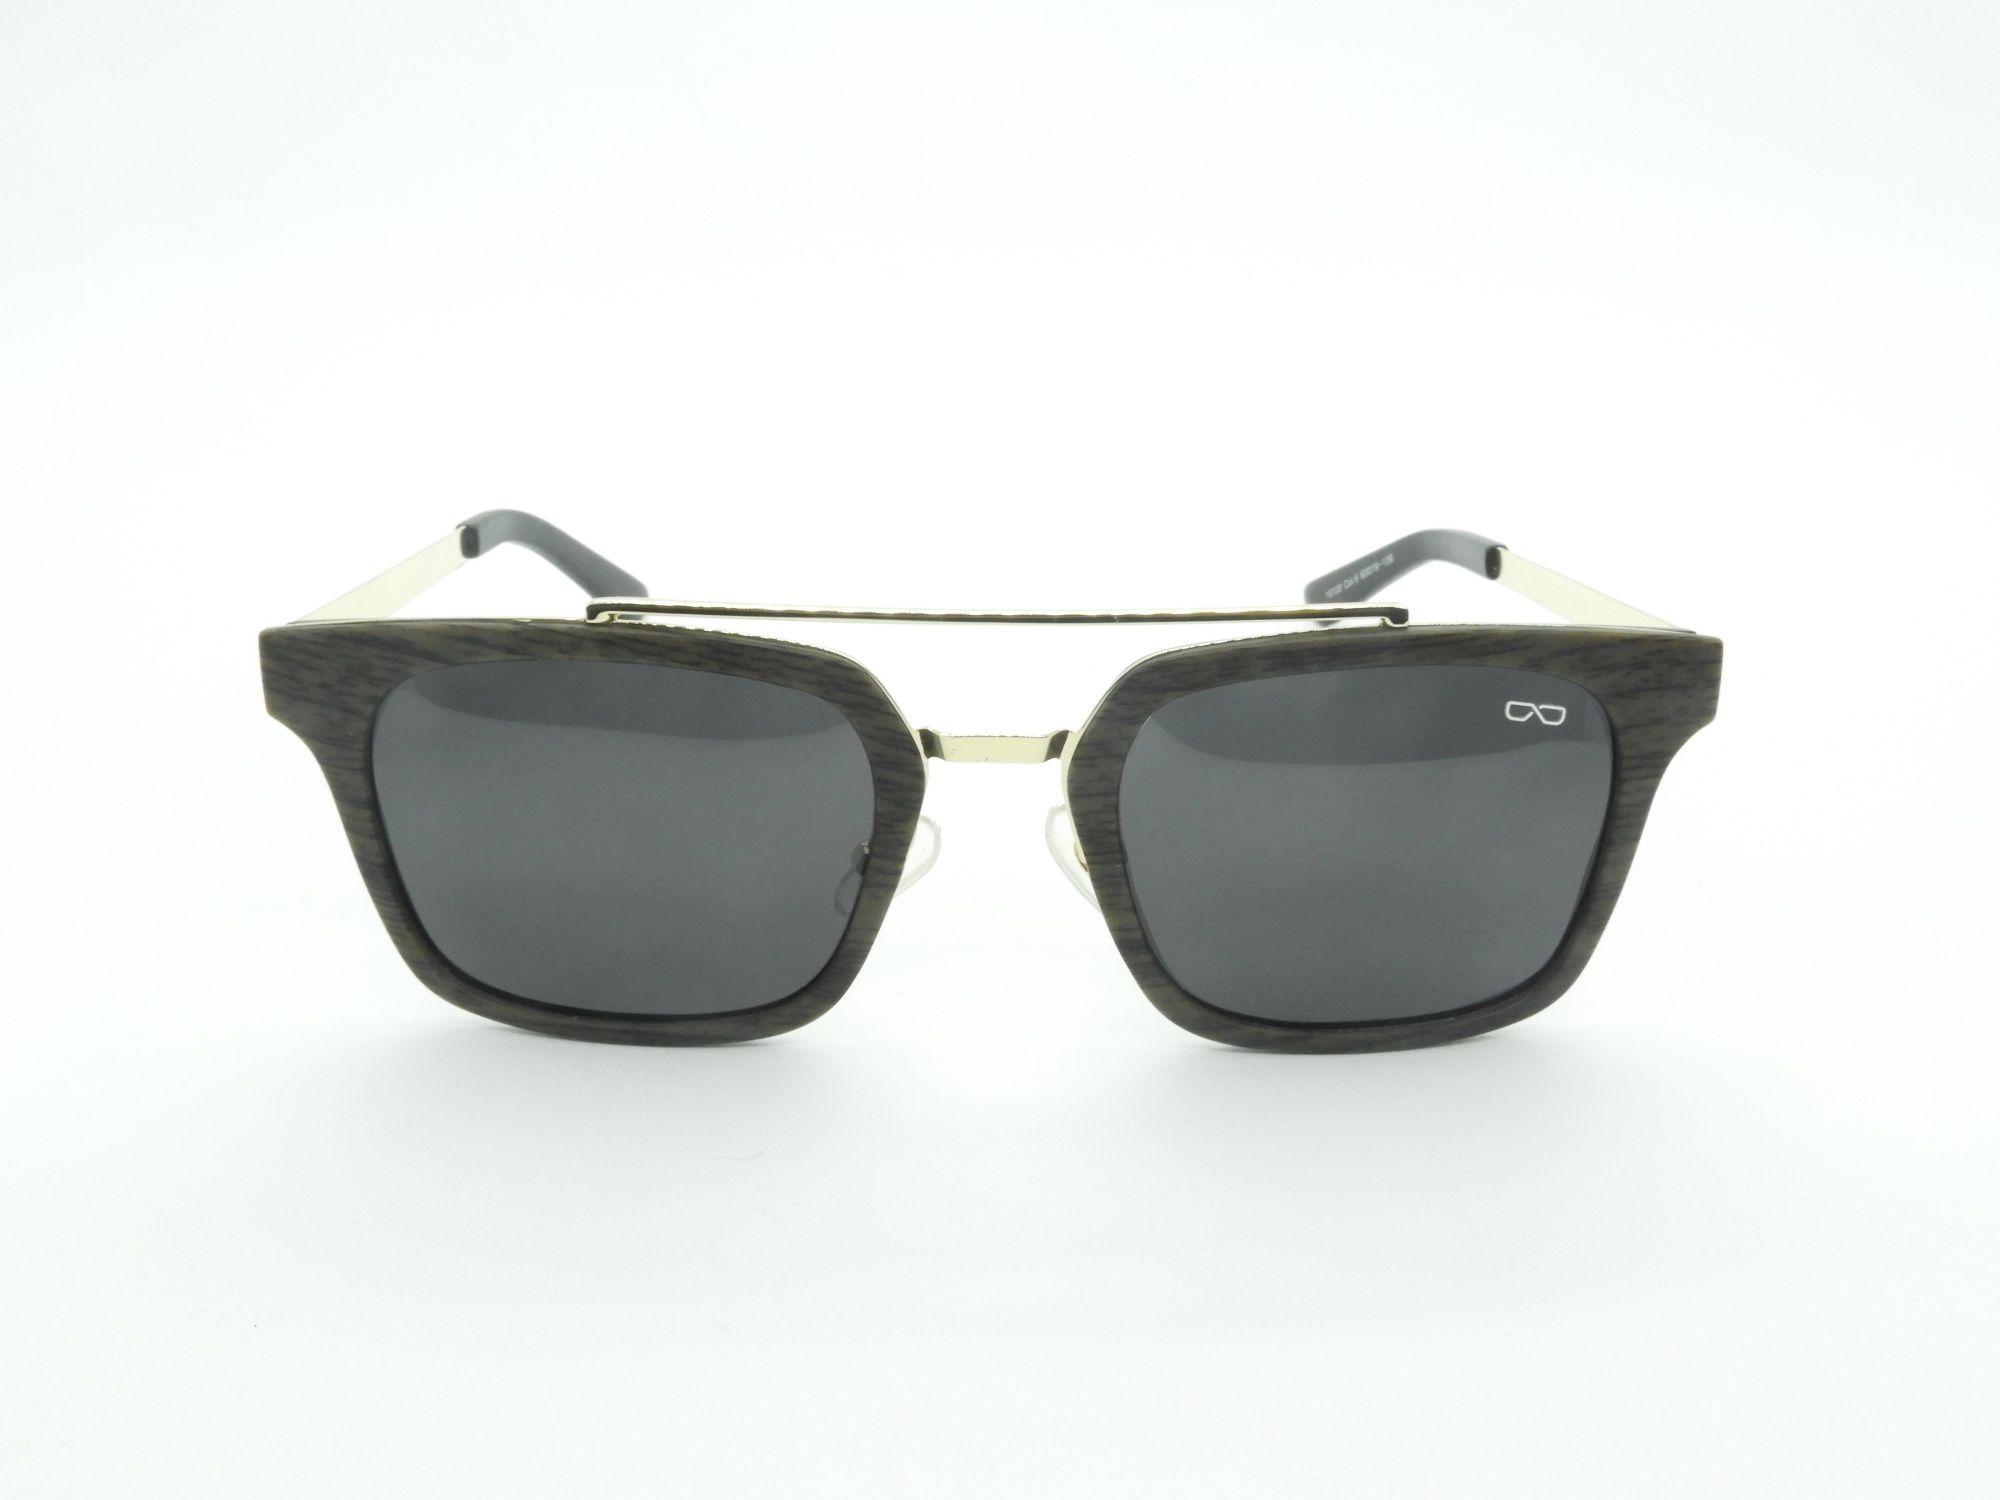 Óculos de Sol 16108 c6 marrom